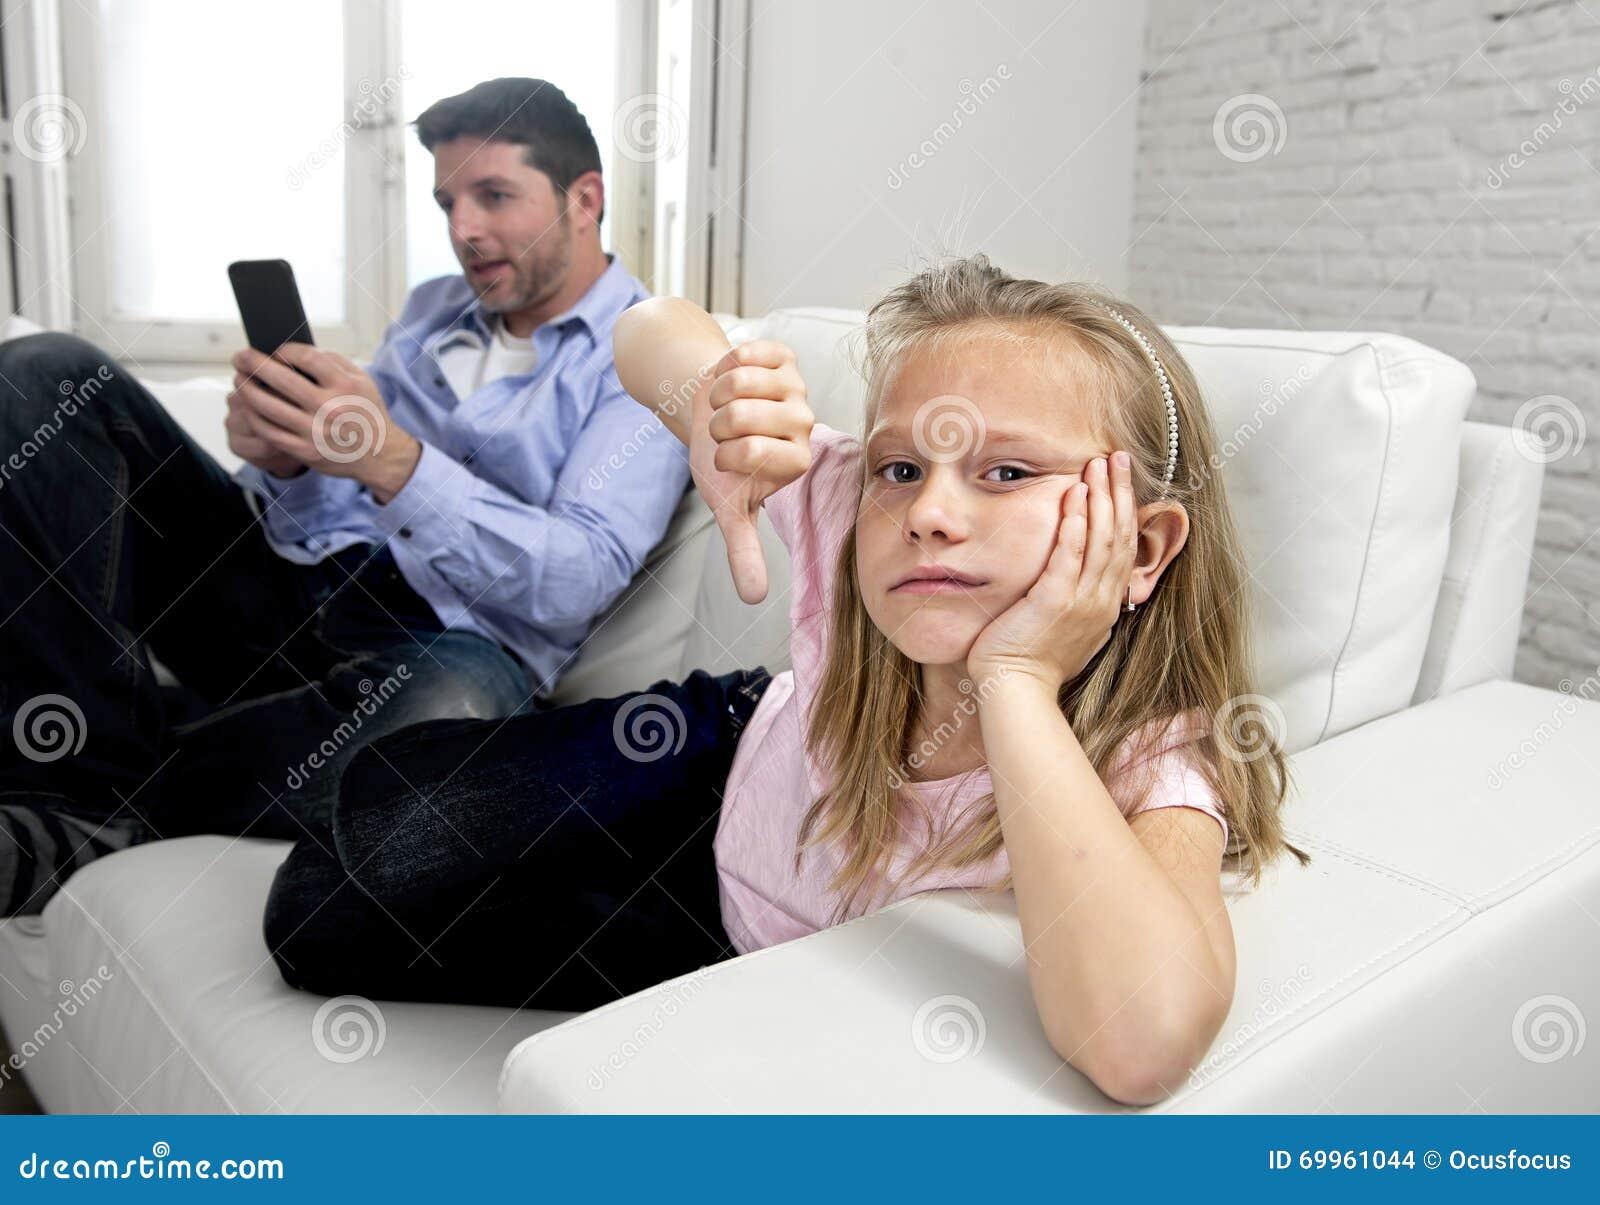 互联网使用手机的上瘾者父亲忽略小哀伤的女儿使孤独和沮丧不耐烦